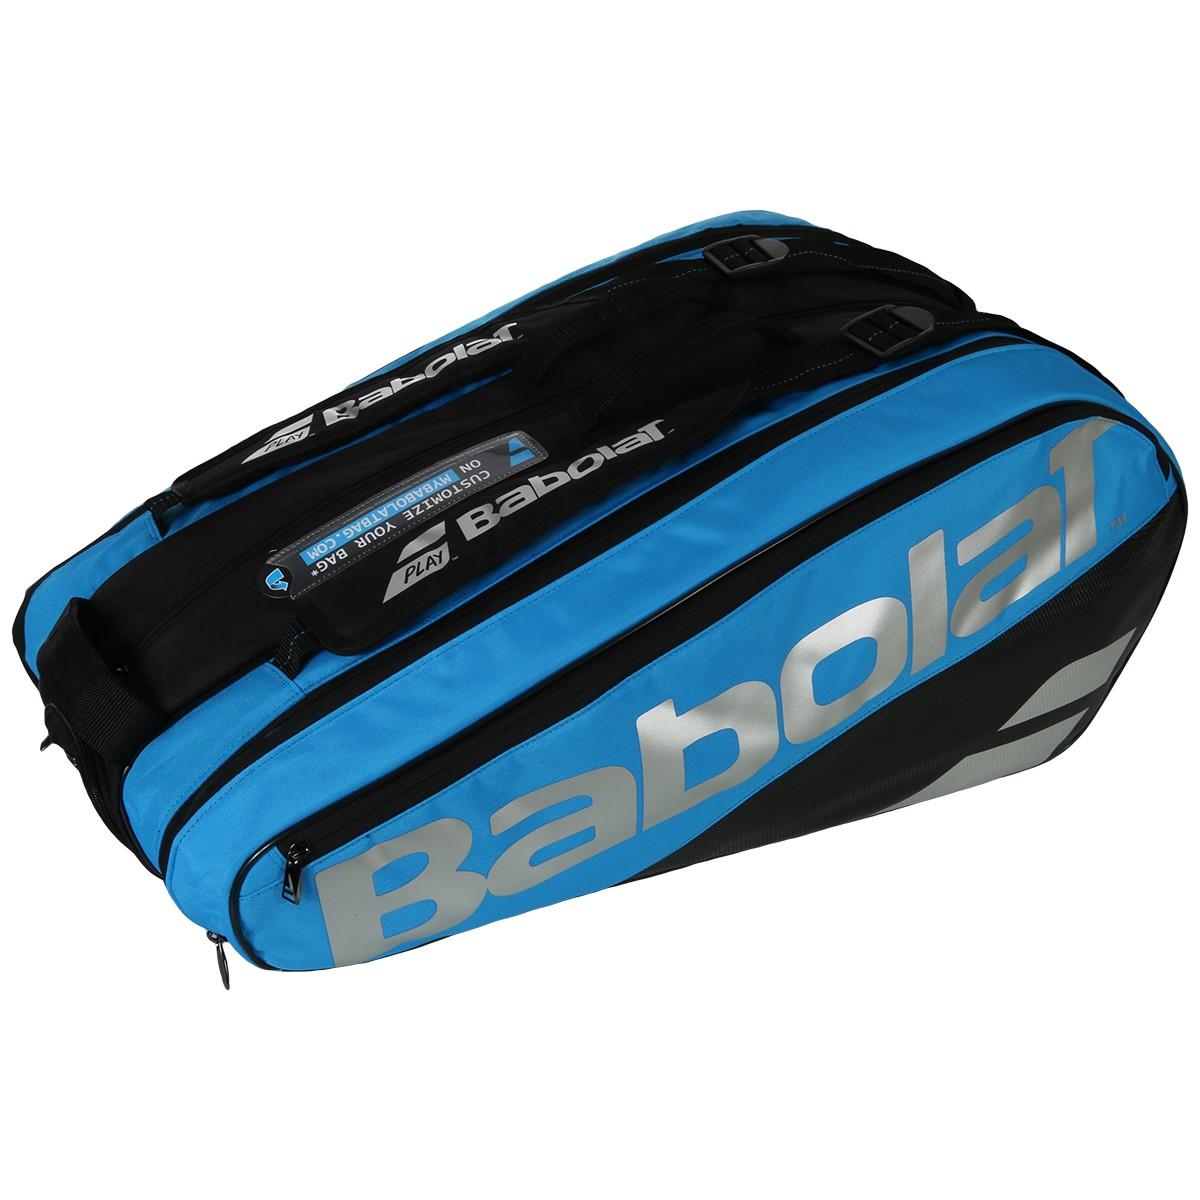 テニス 【9本収納】2019 バボラ ピュアドライブ VS ラケットバッグ 9本入 BB751200 ( 2019 Babolat Pure Drive VS Racket Holder x 9 )(ブルー/ブラック)